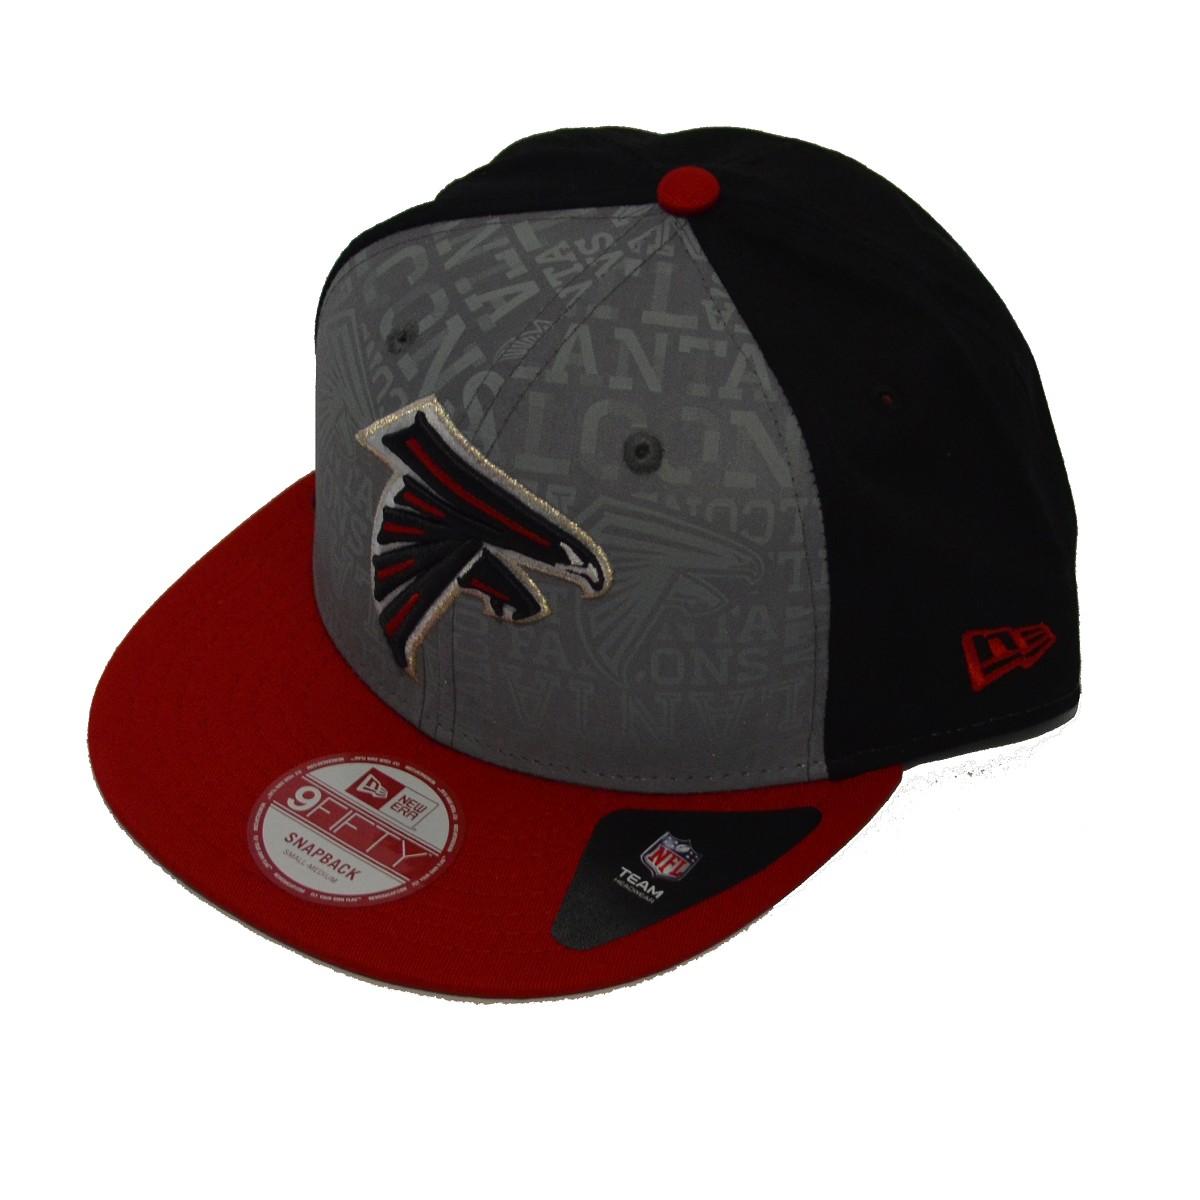 Cappello New Era 9fifty Draft 14 Atlanta Falcons 9fifty